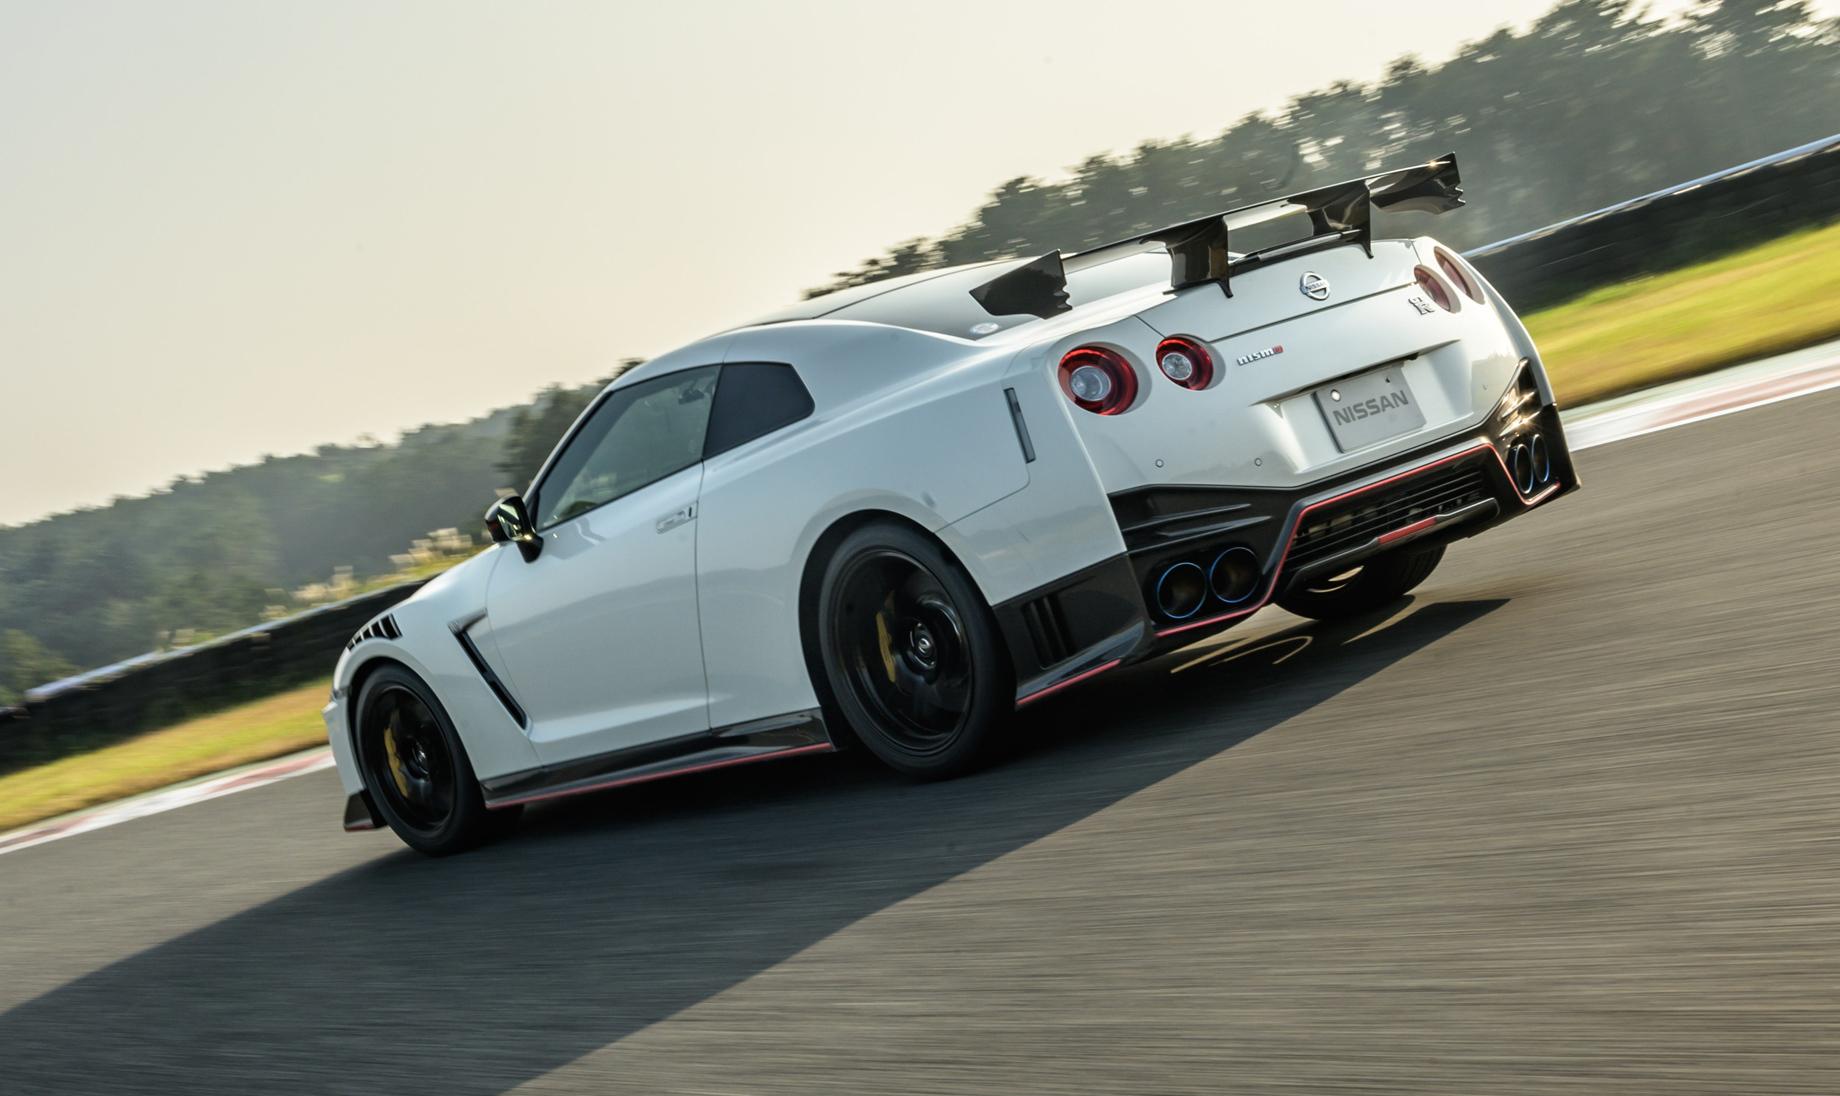 Nissan GT-R Final Edition завершит карьеру модели через два года — ДРАЙВ